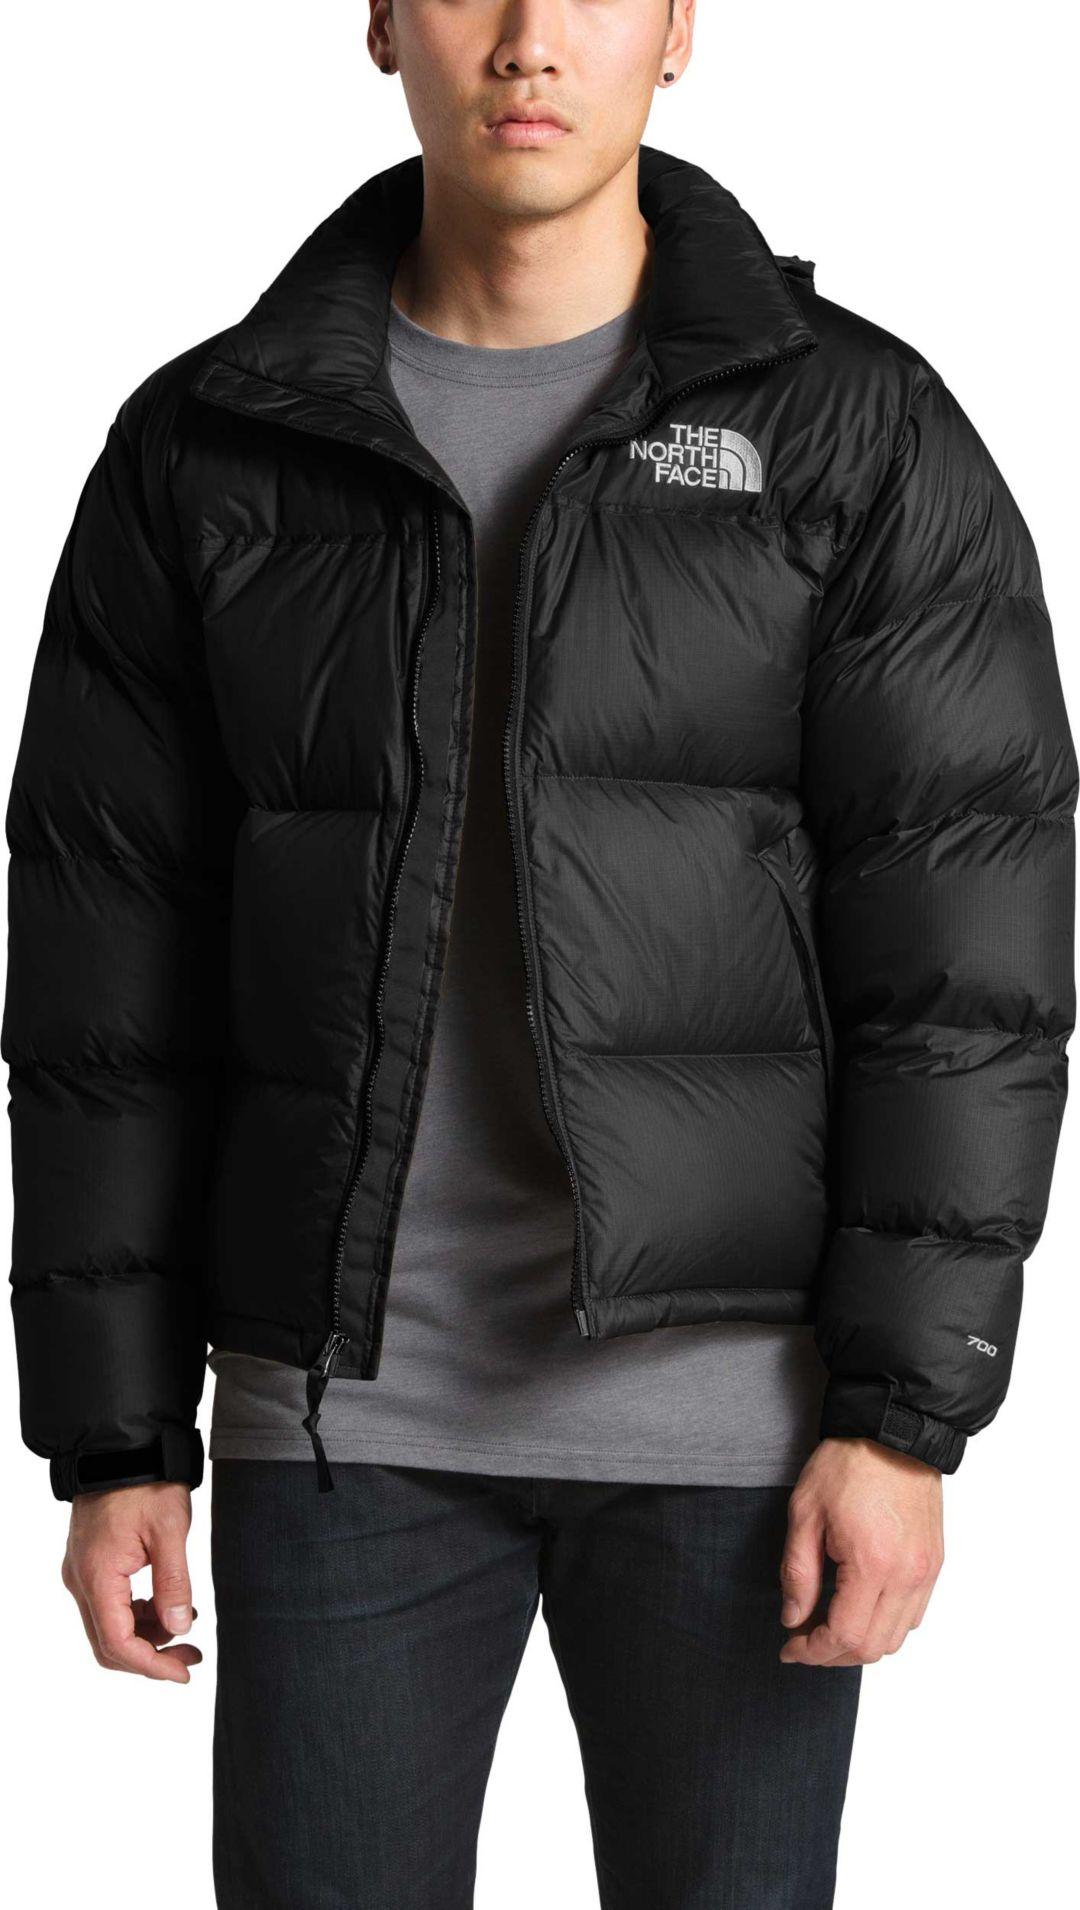 18b4fef12 The North Face Men's 1996 Retro Nuptse Jacket